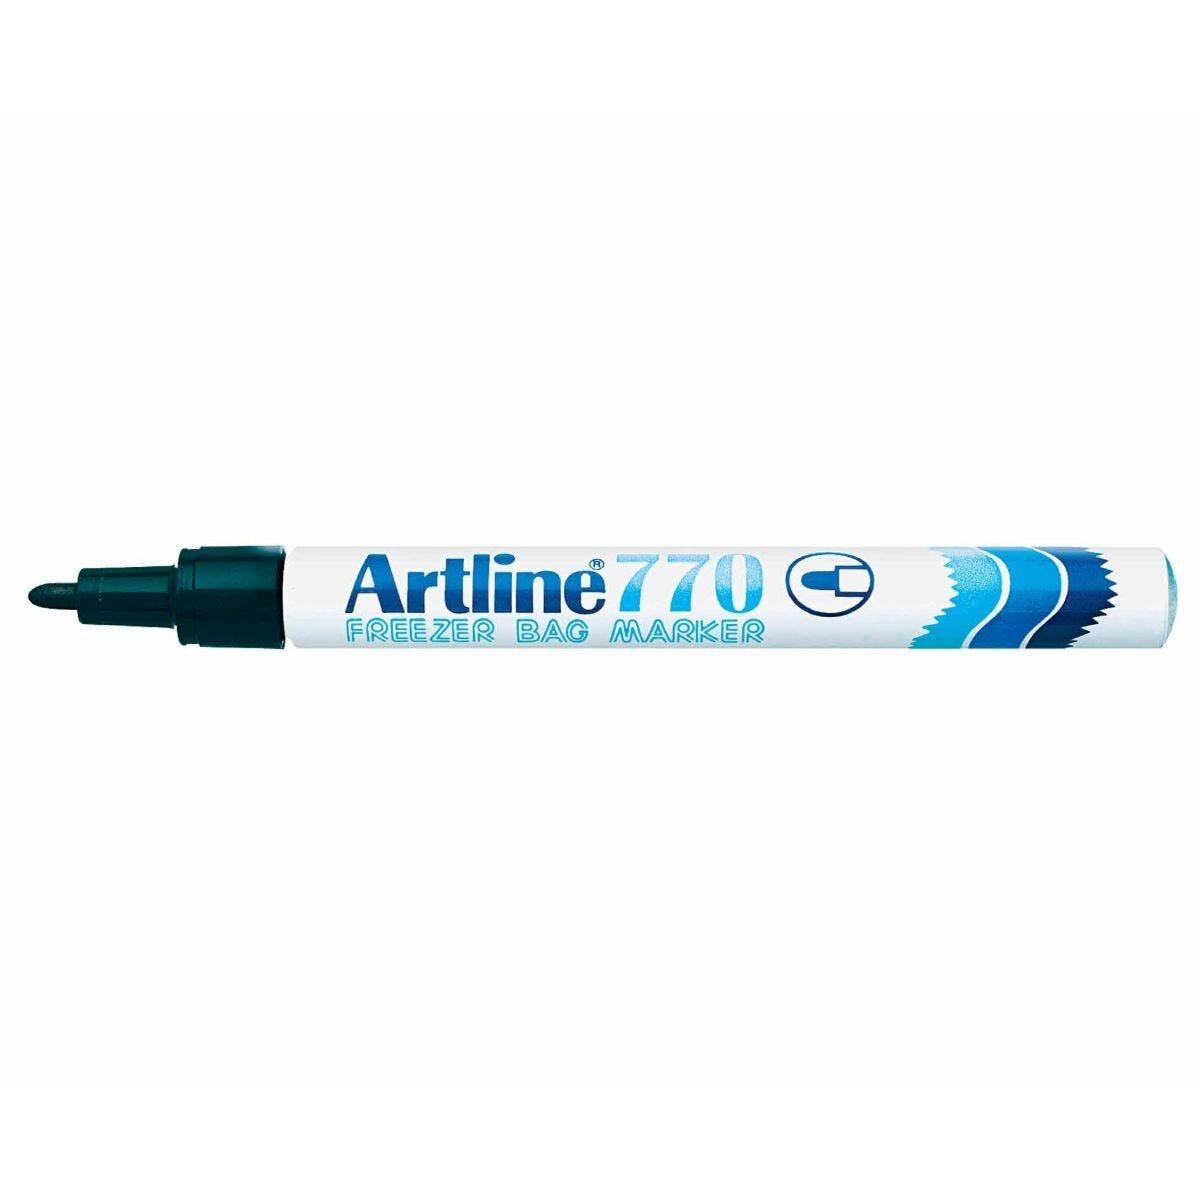 Artline Freezer Marker Pen Pack of 2